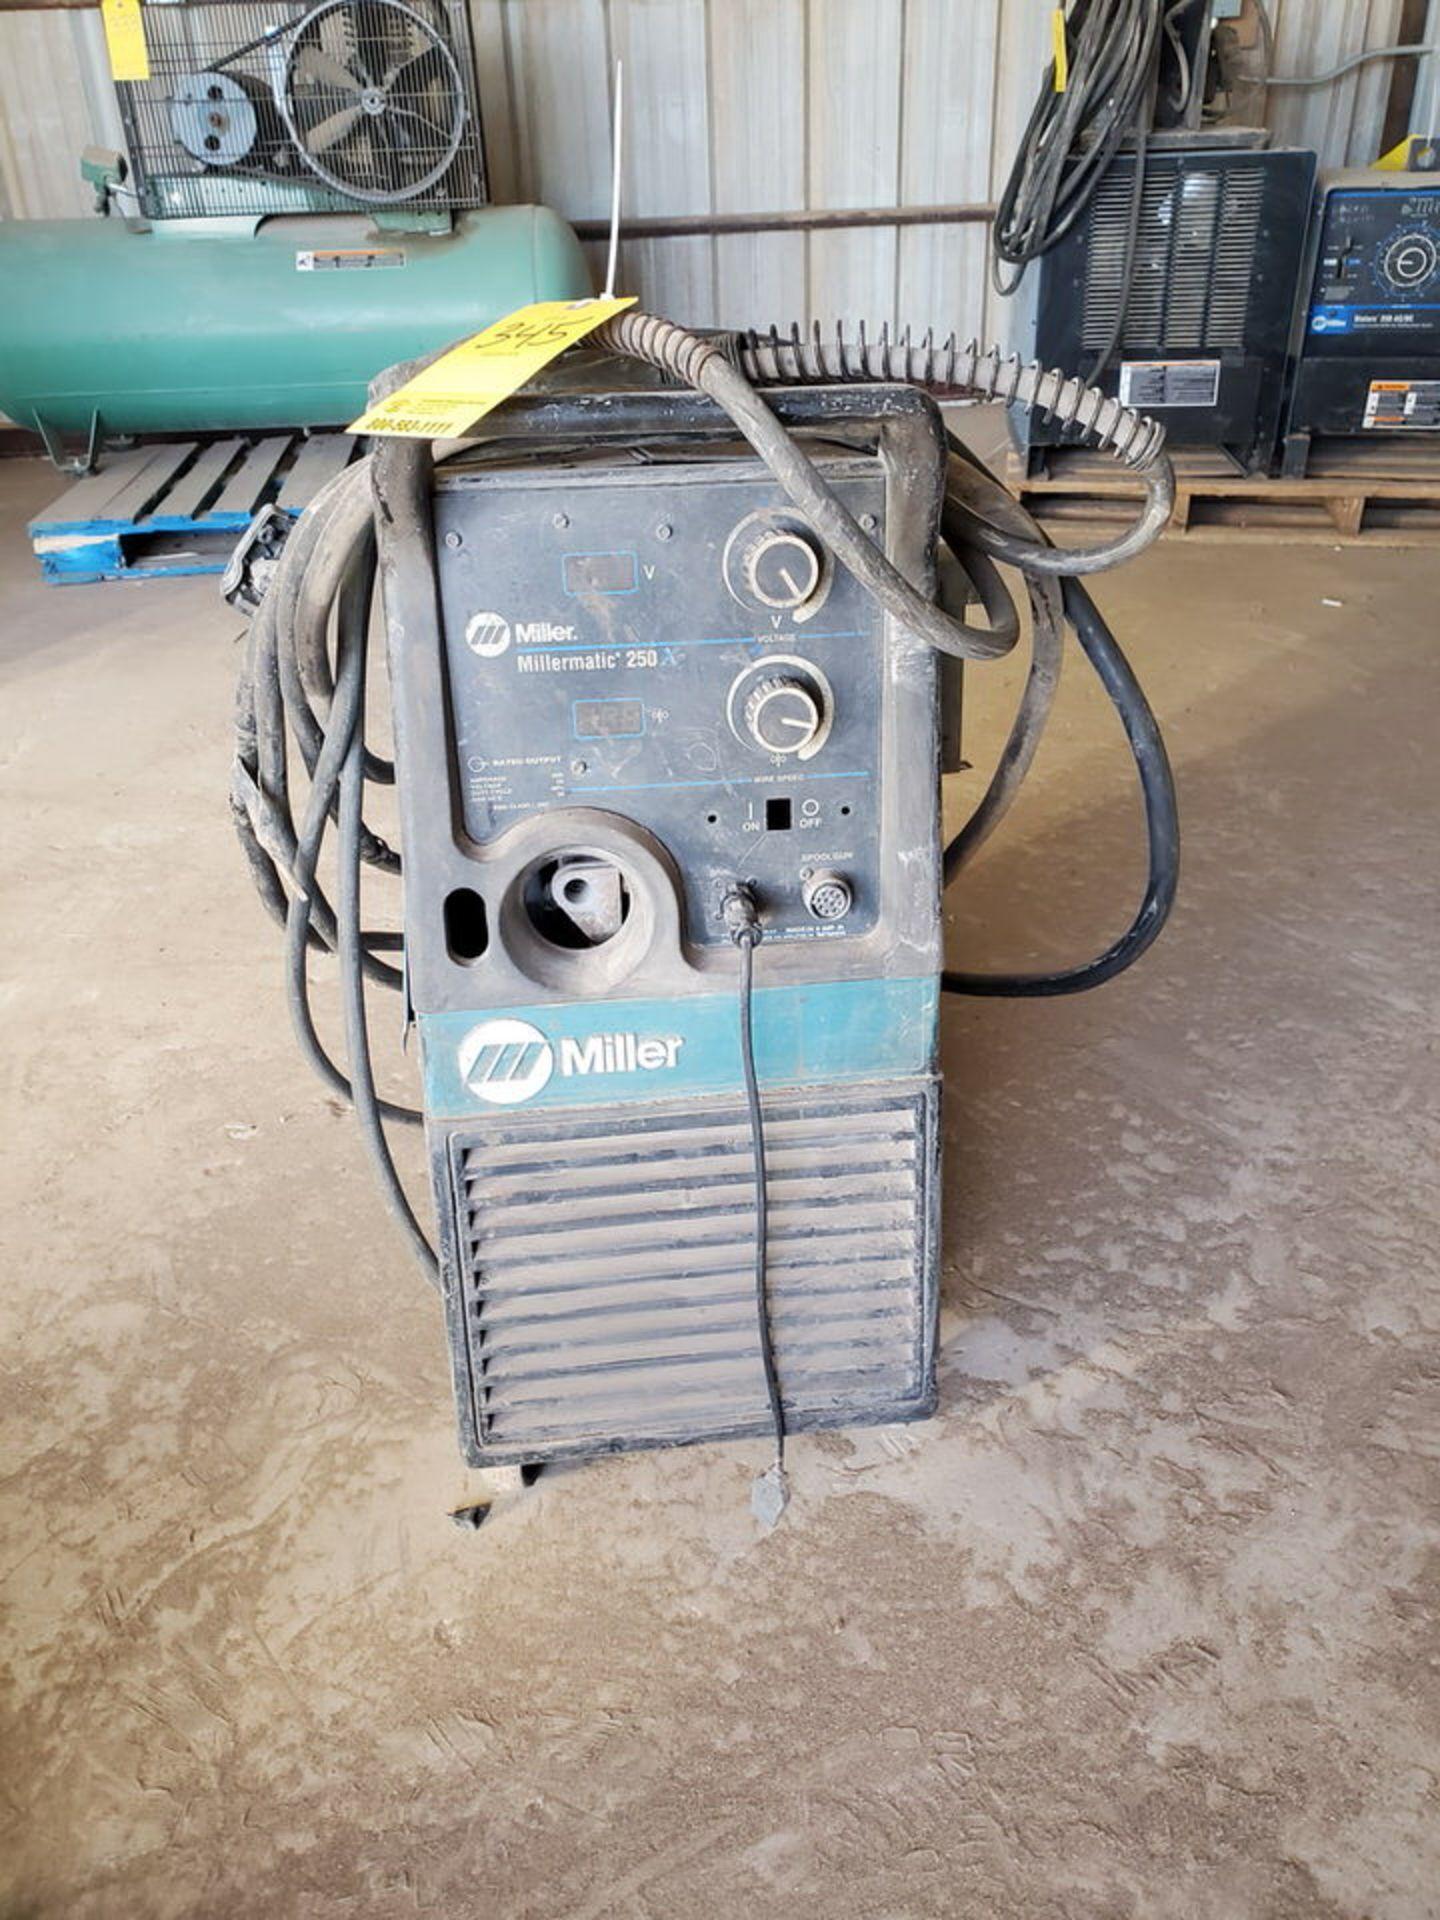 Miller Millermatic 250 Plasma Cutter 200/230V, 48/42A, 1PH, 60HZ - Image 2 of 7